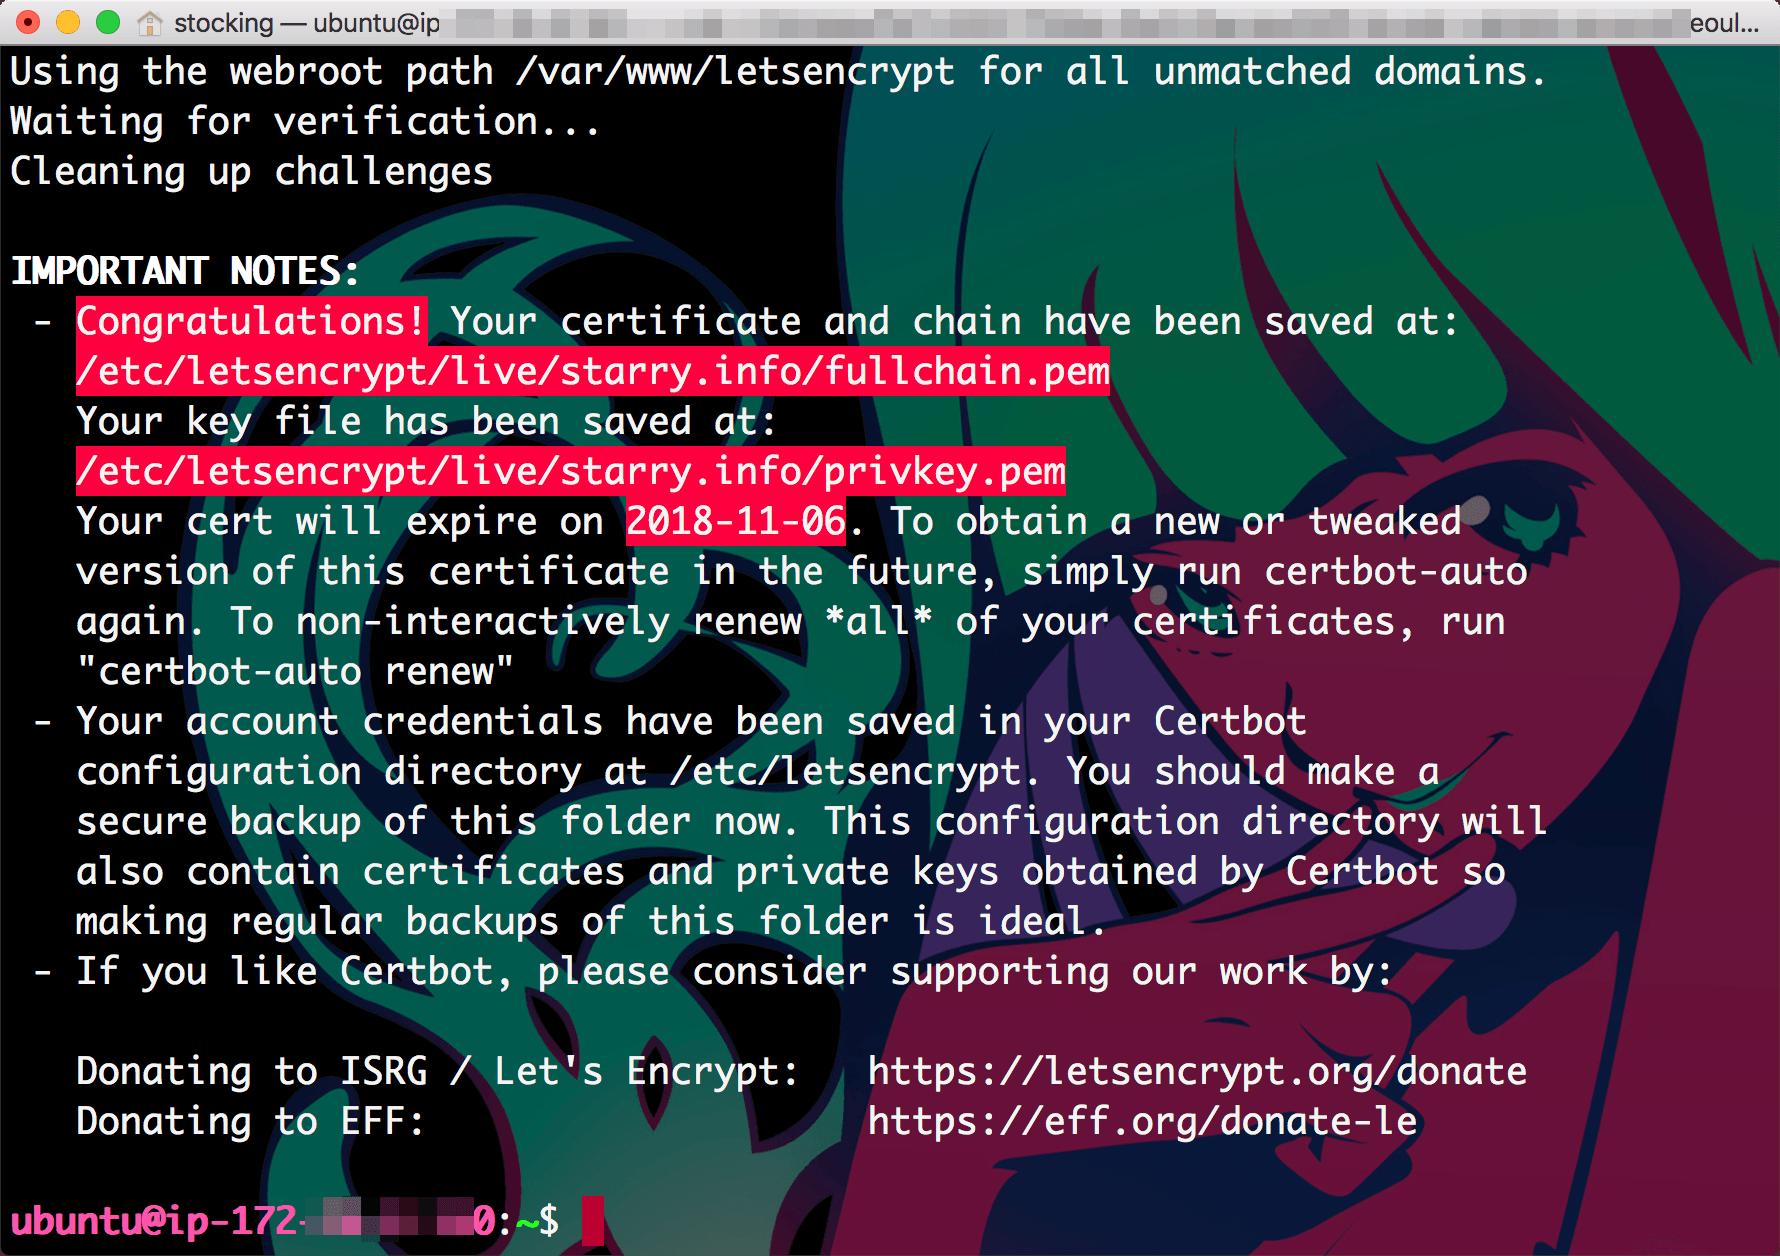 SSL 인증서 다운로드 성공 메시지